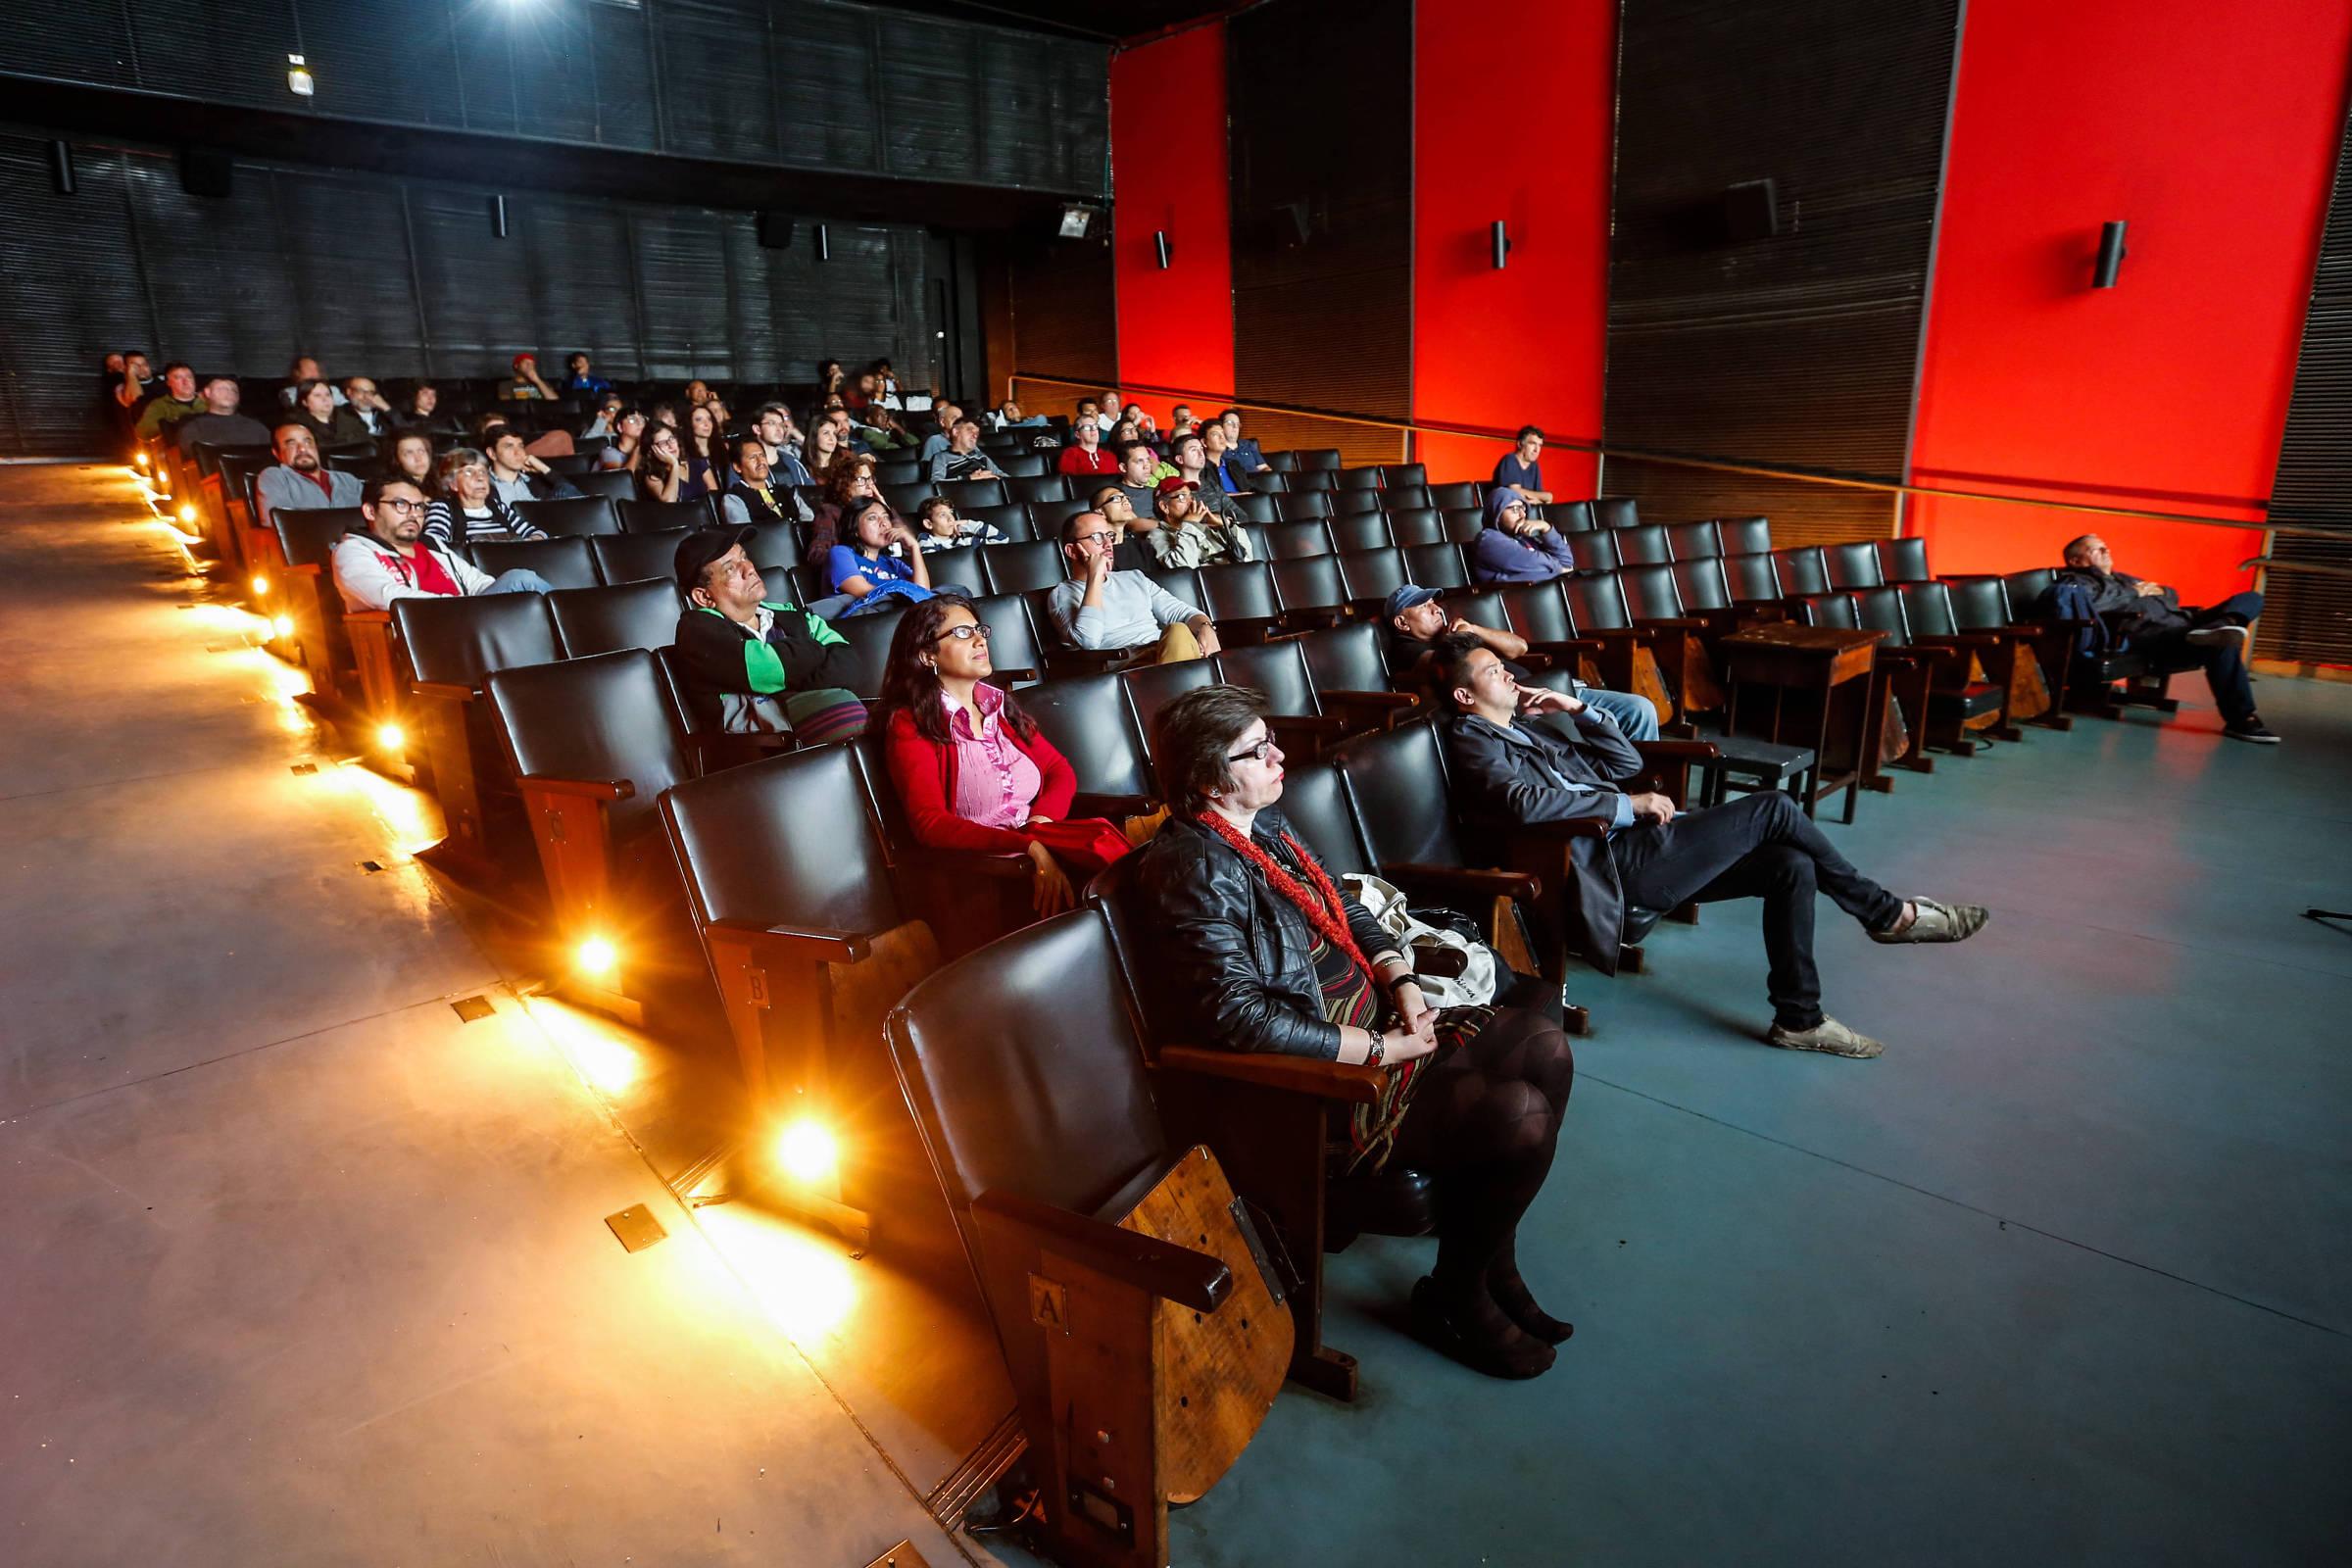 Circuito Sp Cine : Edital da spcine para selecionar filmes inéditos recebeu 301